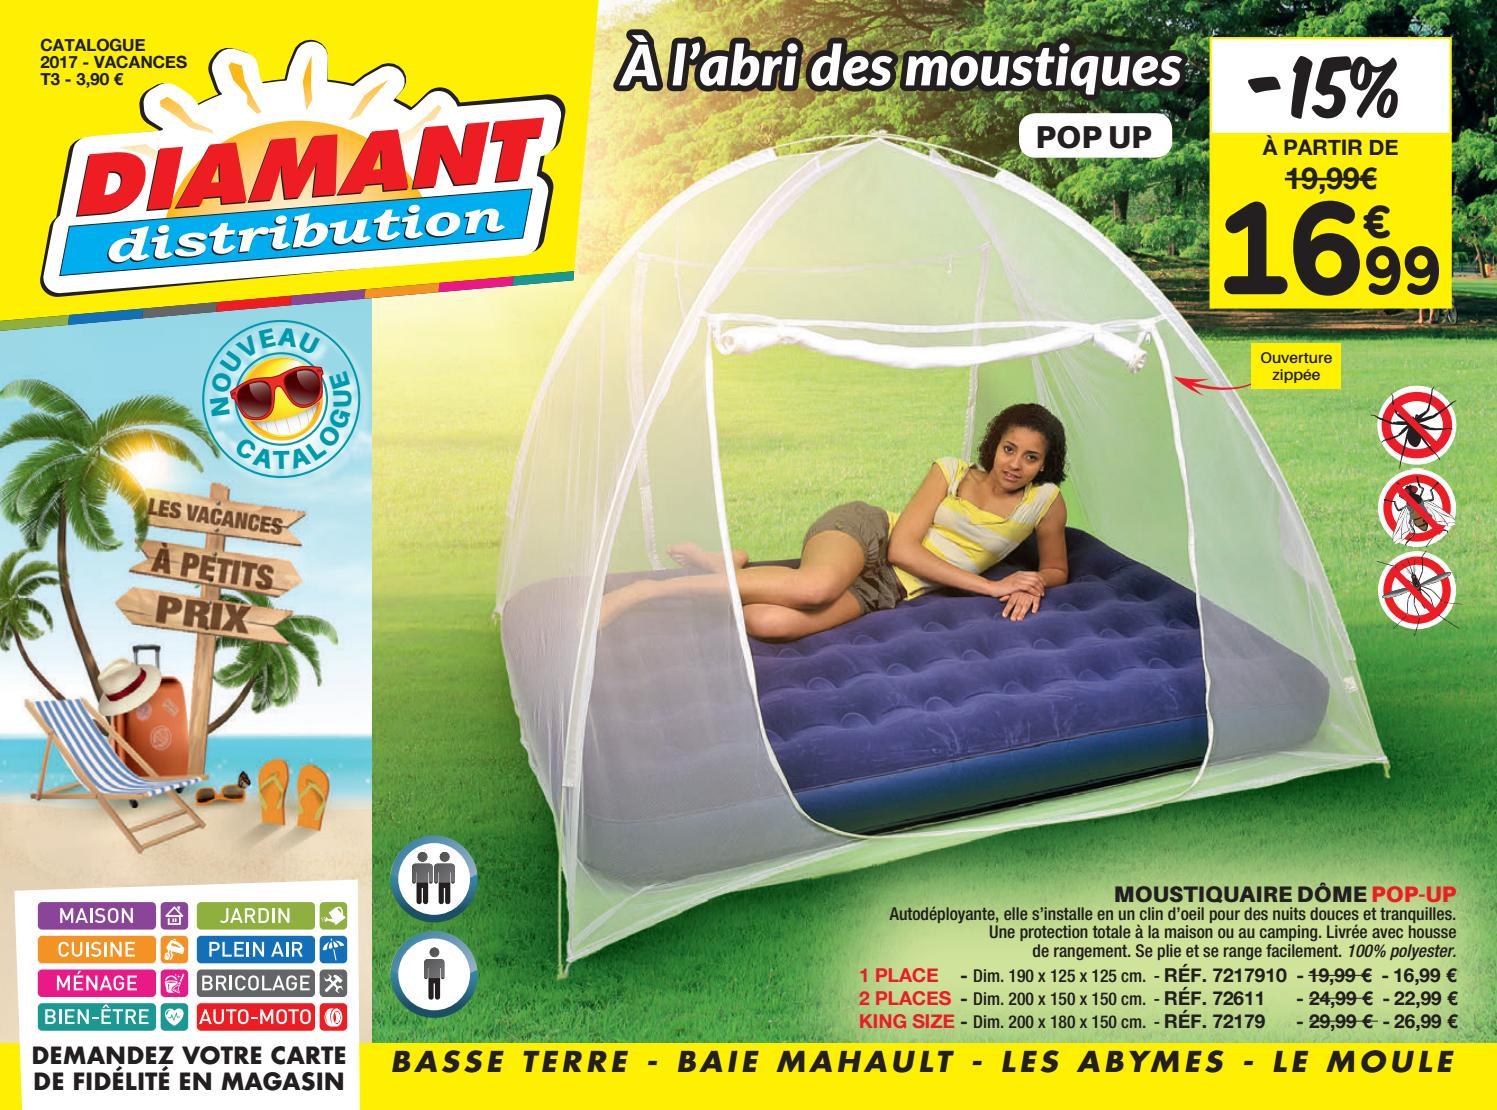 8 Camping chevilles et Extracteur Sol Feuille Tente Auvent Bâche Acier Piquets Tente